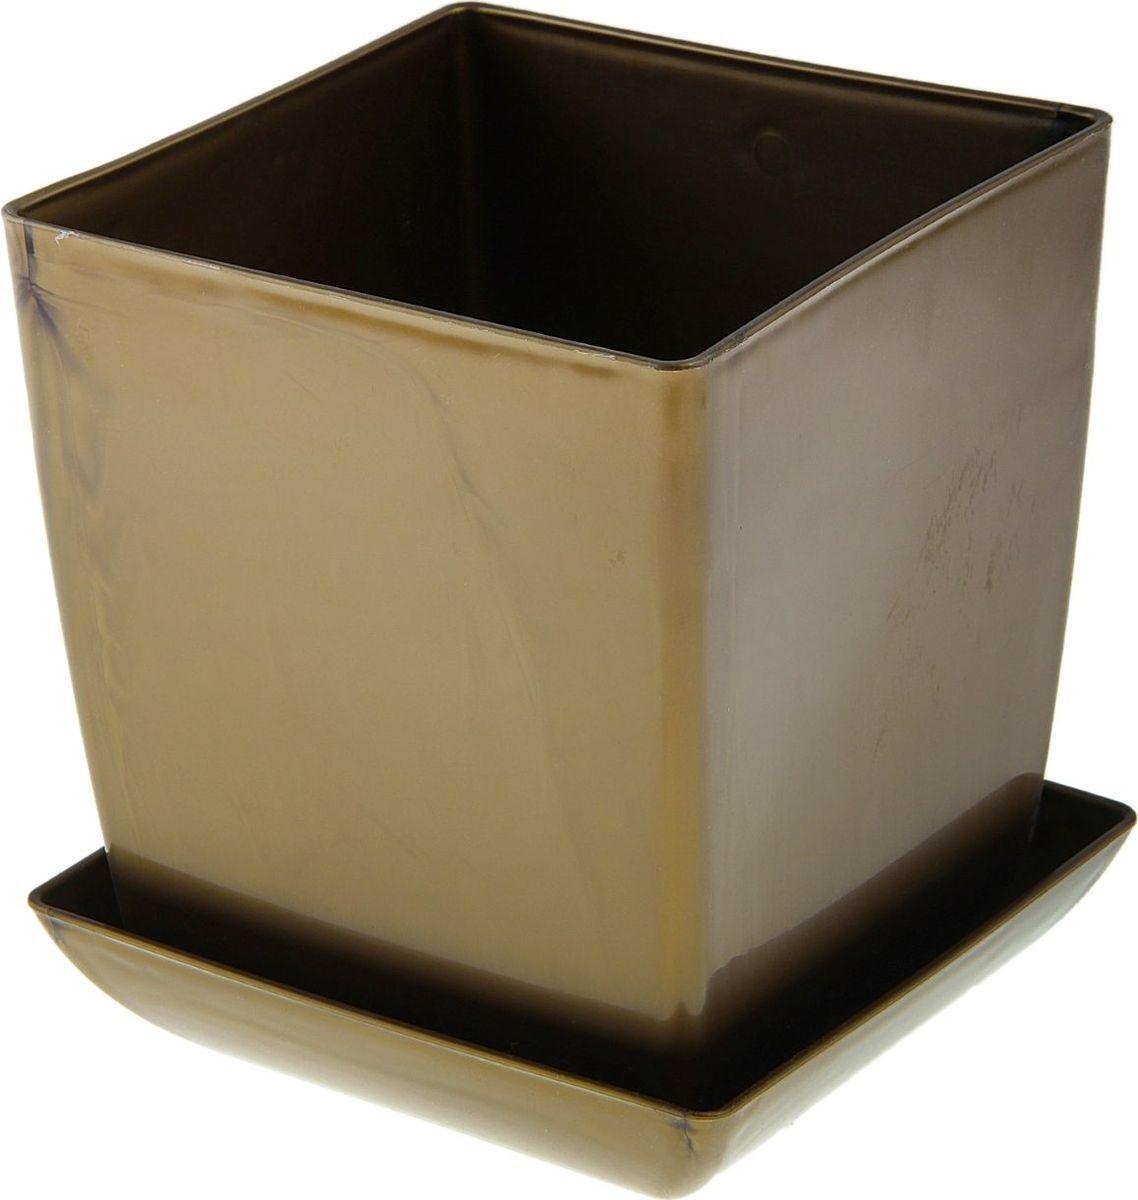 Горшок для цветов Мегапласт Квадрат, с поддоном, цвет: золотой, 3,5 л531-105Любой, даже самый современный и продуманный интерьер будет не завершённым без растений. Они не только очищают воздух и насыщают его кислородом, но и заметно украшают окружающее пространство. Такому полезному члену семьи просто необходимо красивое и функциональное кашпо, оригинальный горшок или необычная ваза! Мы предлагаем - Горшок для цветов с поддоном 16х16 см Квадрат 3,5 л, цвет золотой! Оптимальный выбор материала пластмасса! Почему мы так считаем? Малый вес. С лёгкостью переносите горшки и кашпо с места на место, ставьте их на столики или полки, подвешивайте под потолок, не беспокоясь о нагрузке. Простота ухода. Пластиковые изделия не нуждаются в специальных условиях хранения. Их легко чистить достаточно просто сполоснуть тёплой водой. Никаких царапин. Пластиковые кашпо не царапают и не загрязняют поверхности, на которых стоят. Пластик дольше хранит влагу, а значит растение реже нуждается в поливе. Пластмасса не пропускает воздух корневой системе растения не грозят резкие перепады температур. Огромный выбор форм, декора и расцветок вы без труда подберёте что-то, что идеально впишется в уже существующий интерьер. Соблюдая нехитрые правила ухода, вы можете заметно продлить срок службы горшков, вазонов и кашпо из пластика: всегда учитывайте размер кроны и корневой системы растения (при разрастании большое растение способно повредить маленький горшок)берегите изделие от воздействия прямых солнечных лучей, чтобы кашпо и горшки не выцветалидержите кашпо и горшки из пластика подальше от нагревающихся поверхностей. Создавайте прекрасные цветочные композиции, выращивайте рассаду или необычные растения, а низкие цены позволят вам не ограничивать себя в выборе.